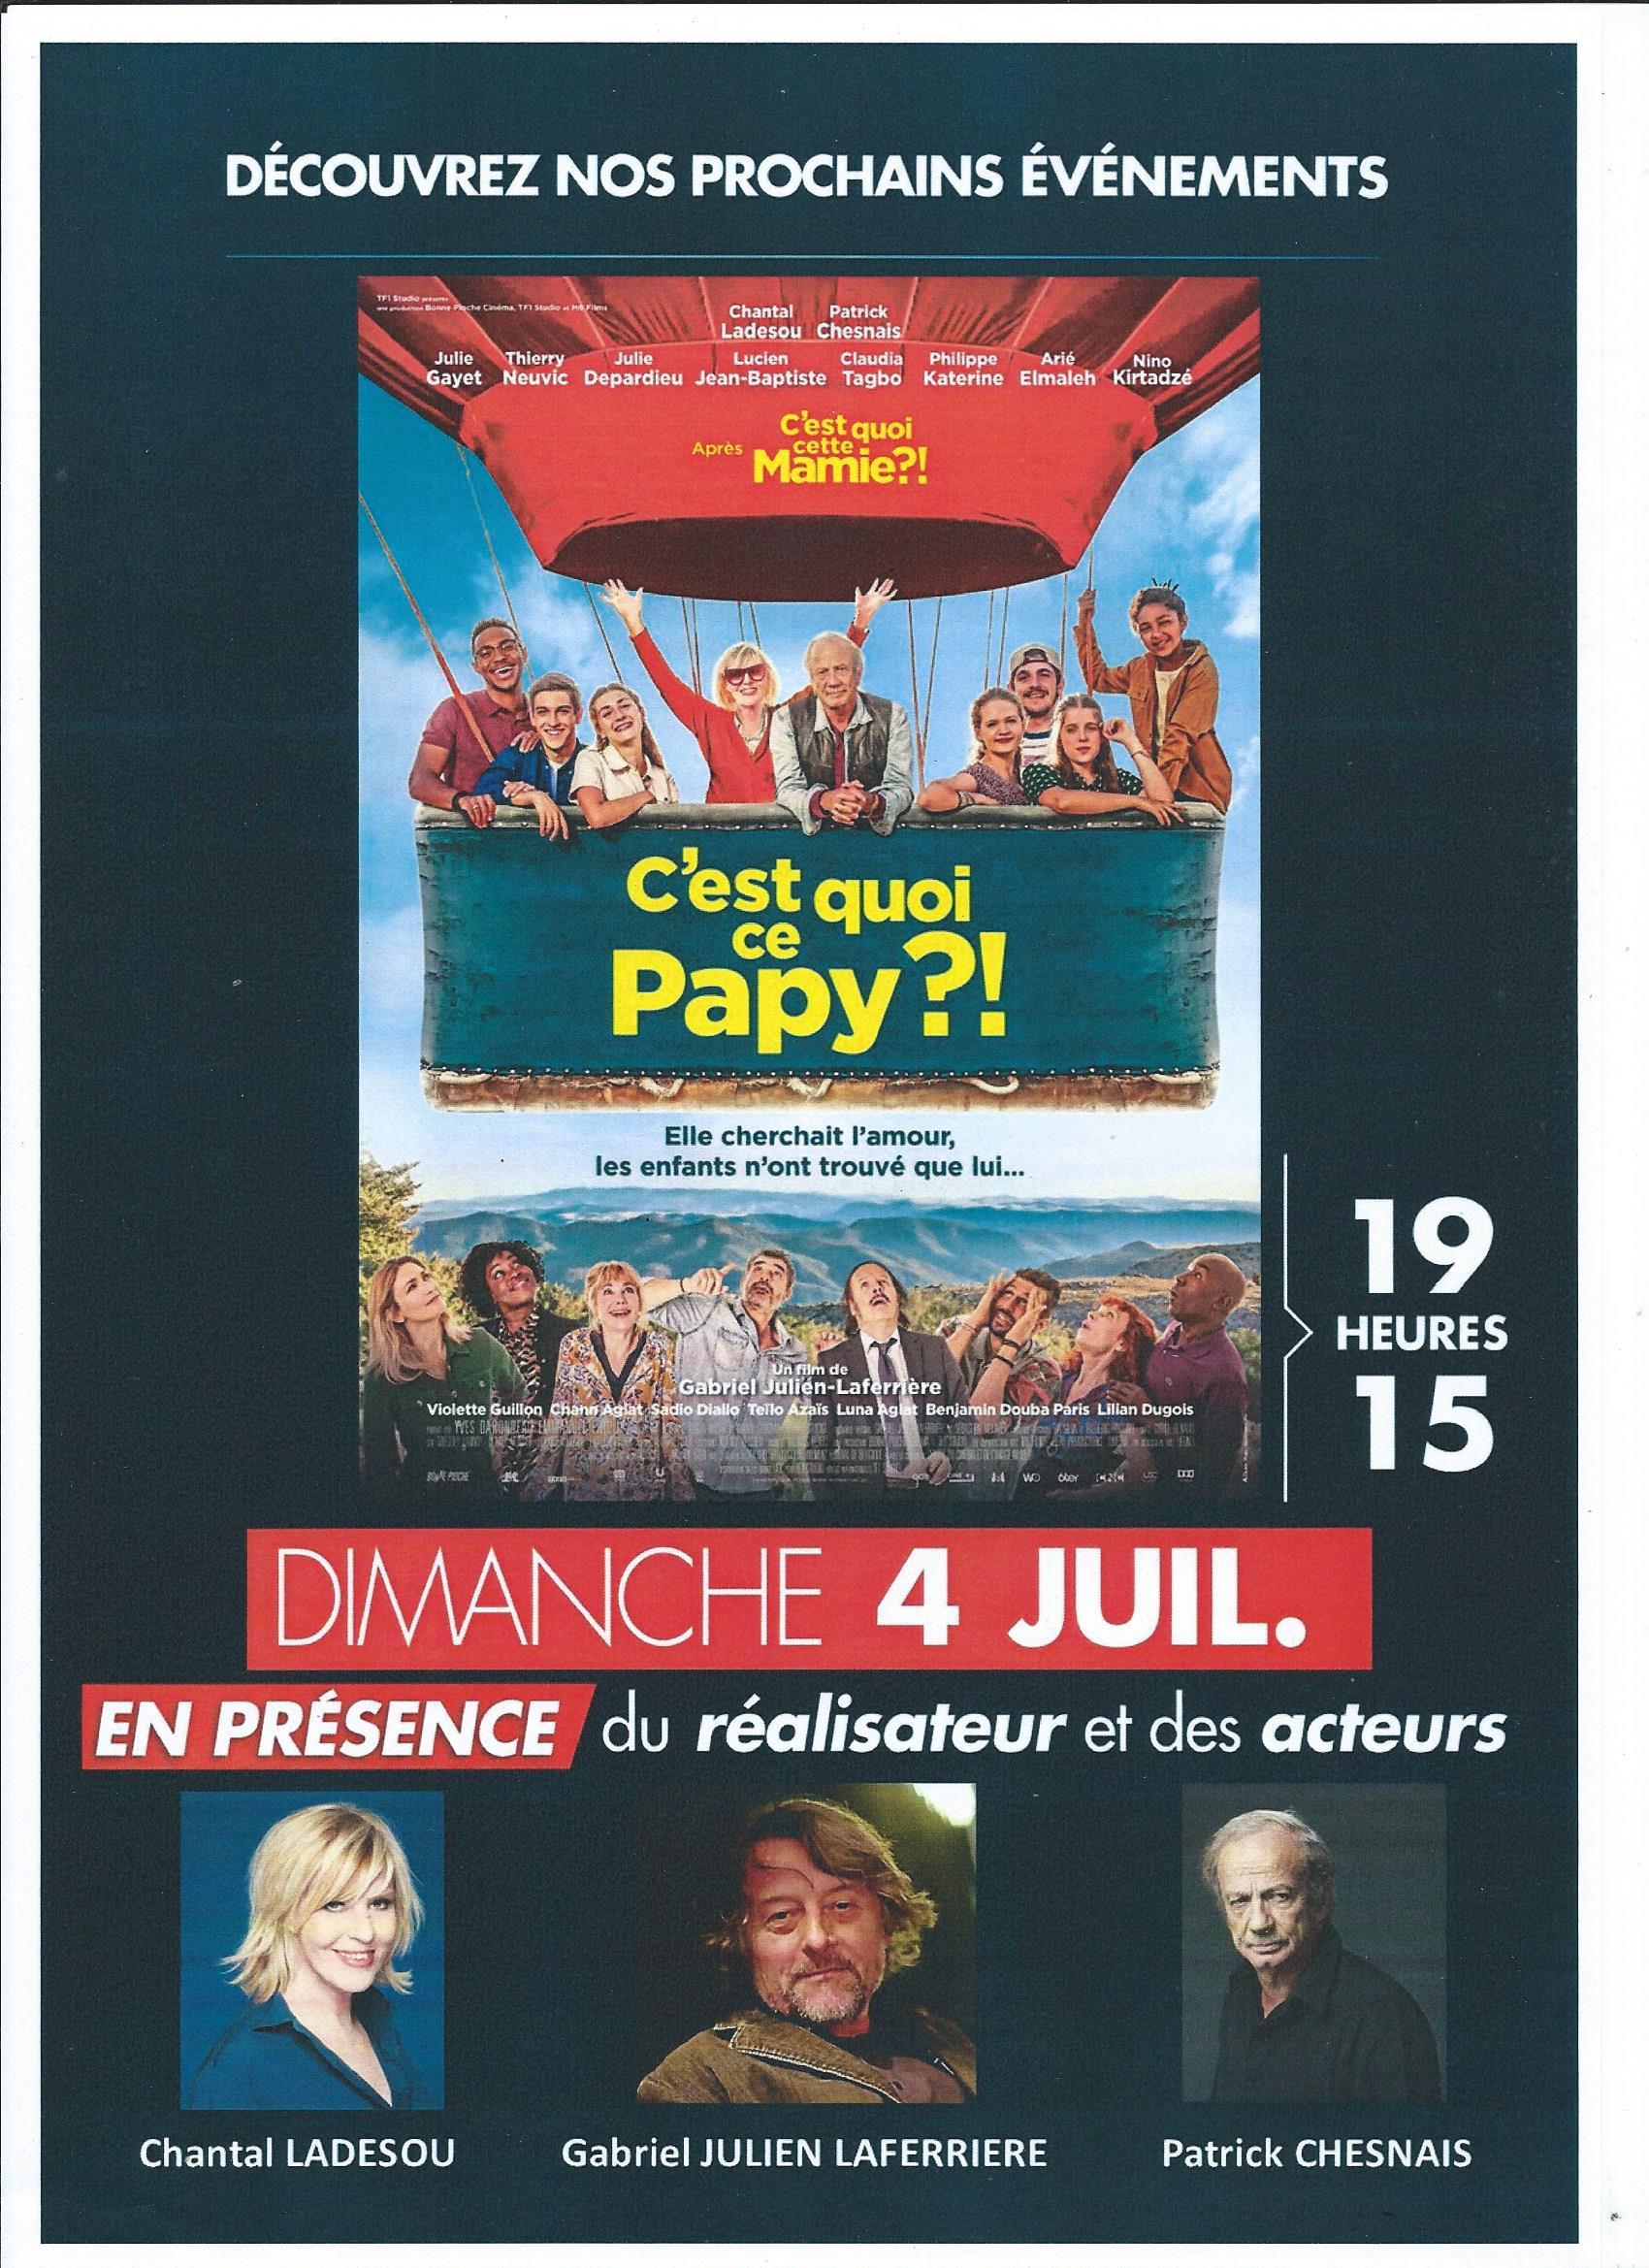 Film en avant-première au CGR Narbonne